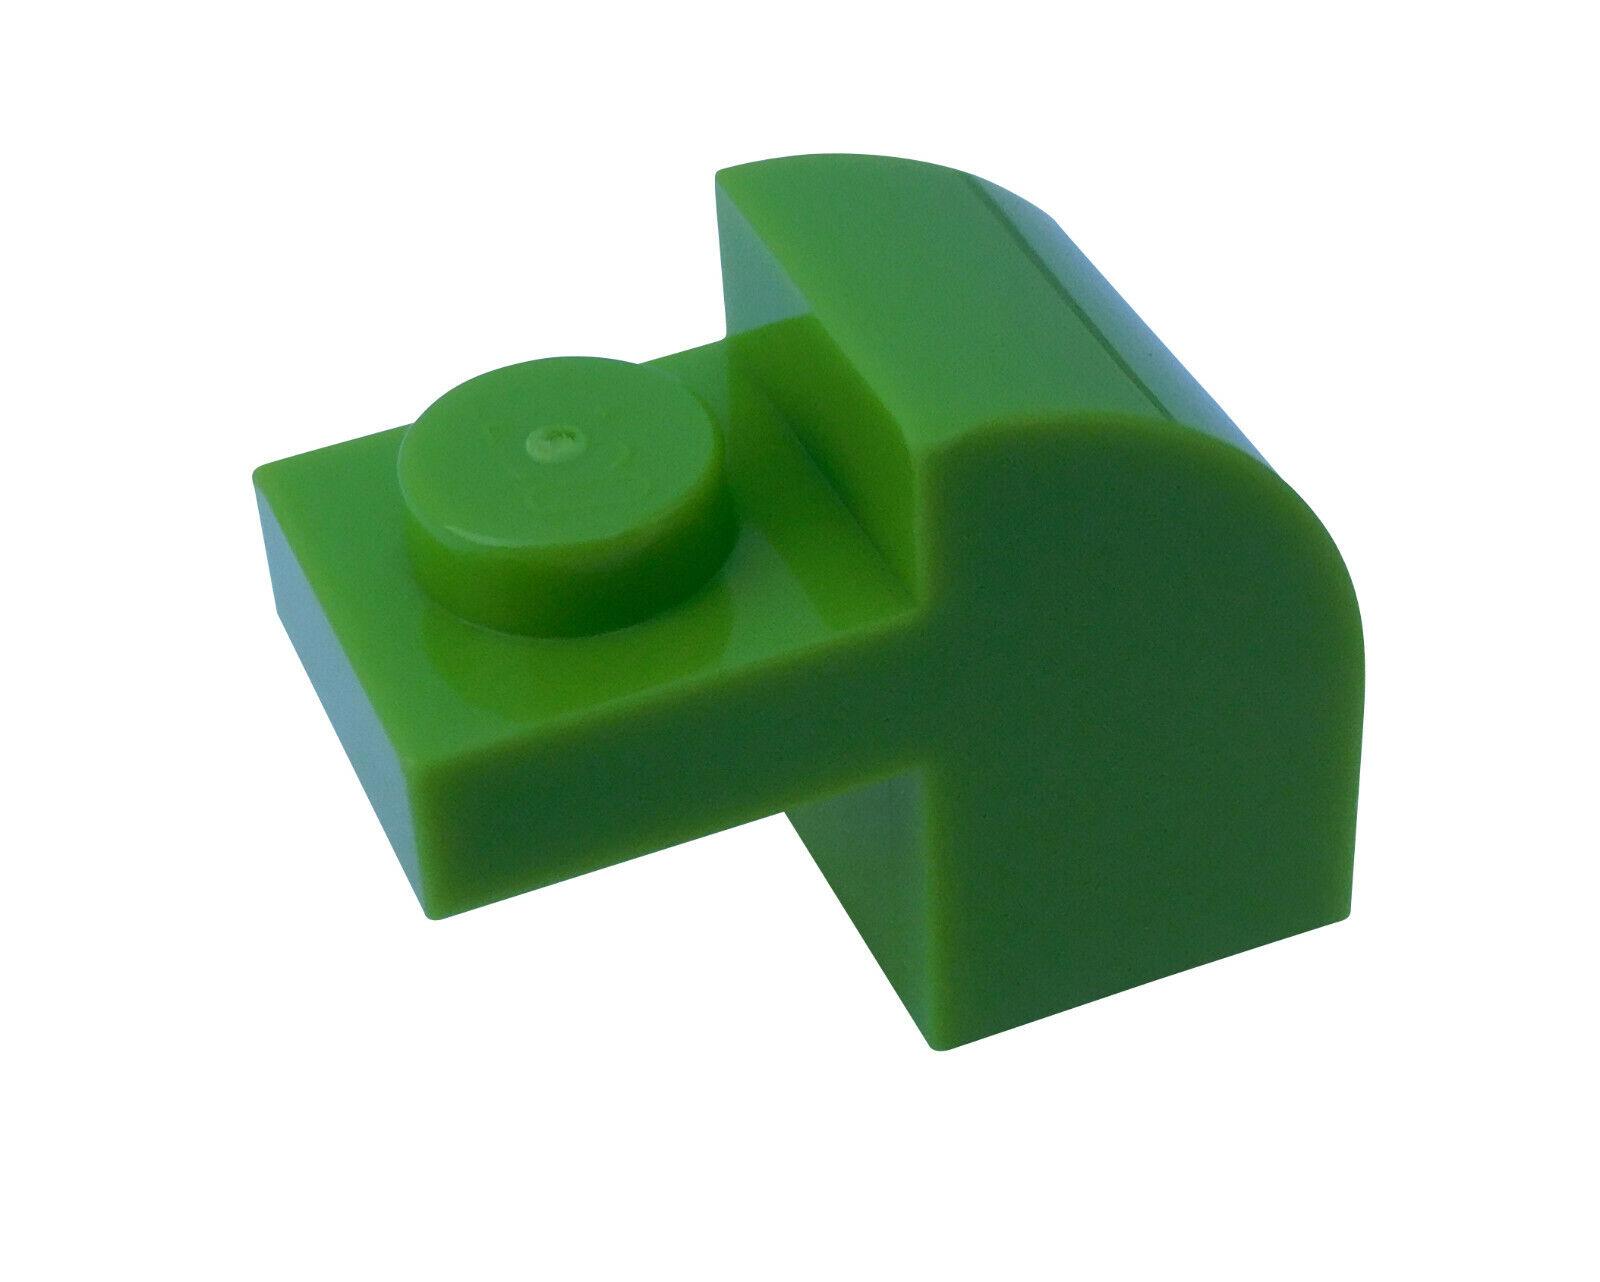 Lego 10 Stück Bogenstein weiss Stein gebogen 1x2x1 1//3 Steine Neu 6091 Basics